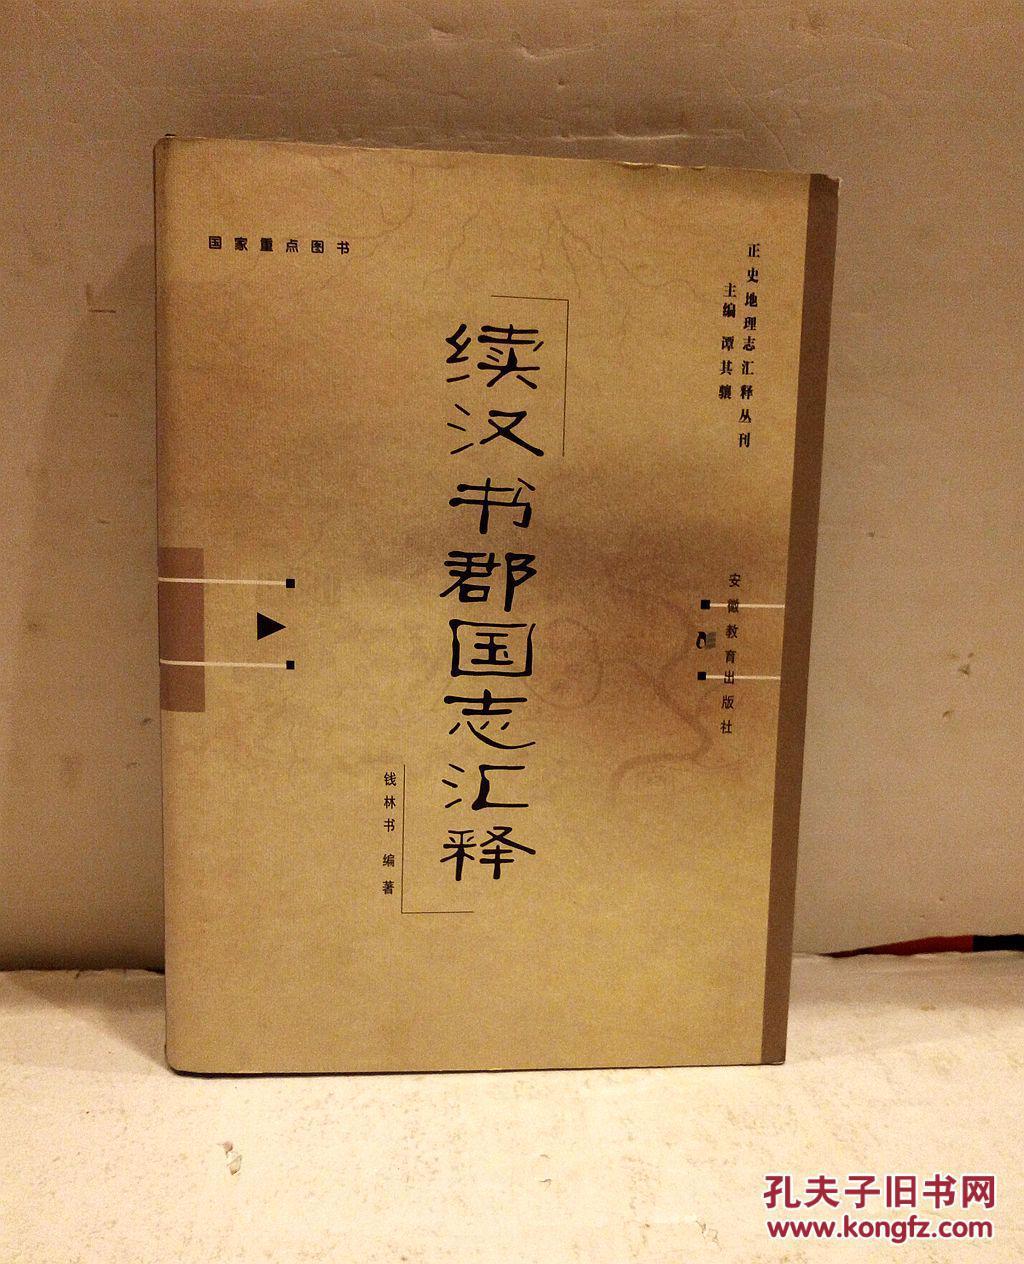 续汉书_续汉书郡国志汇释 一版一印 仅印1000册